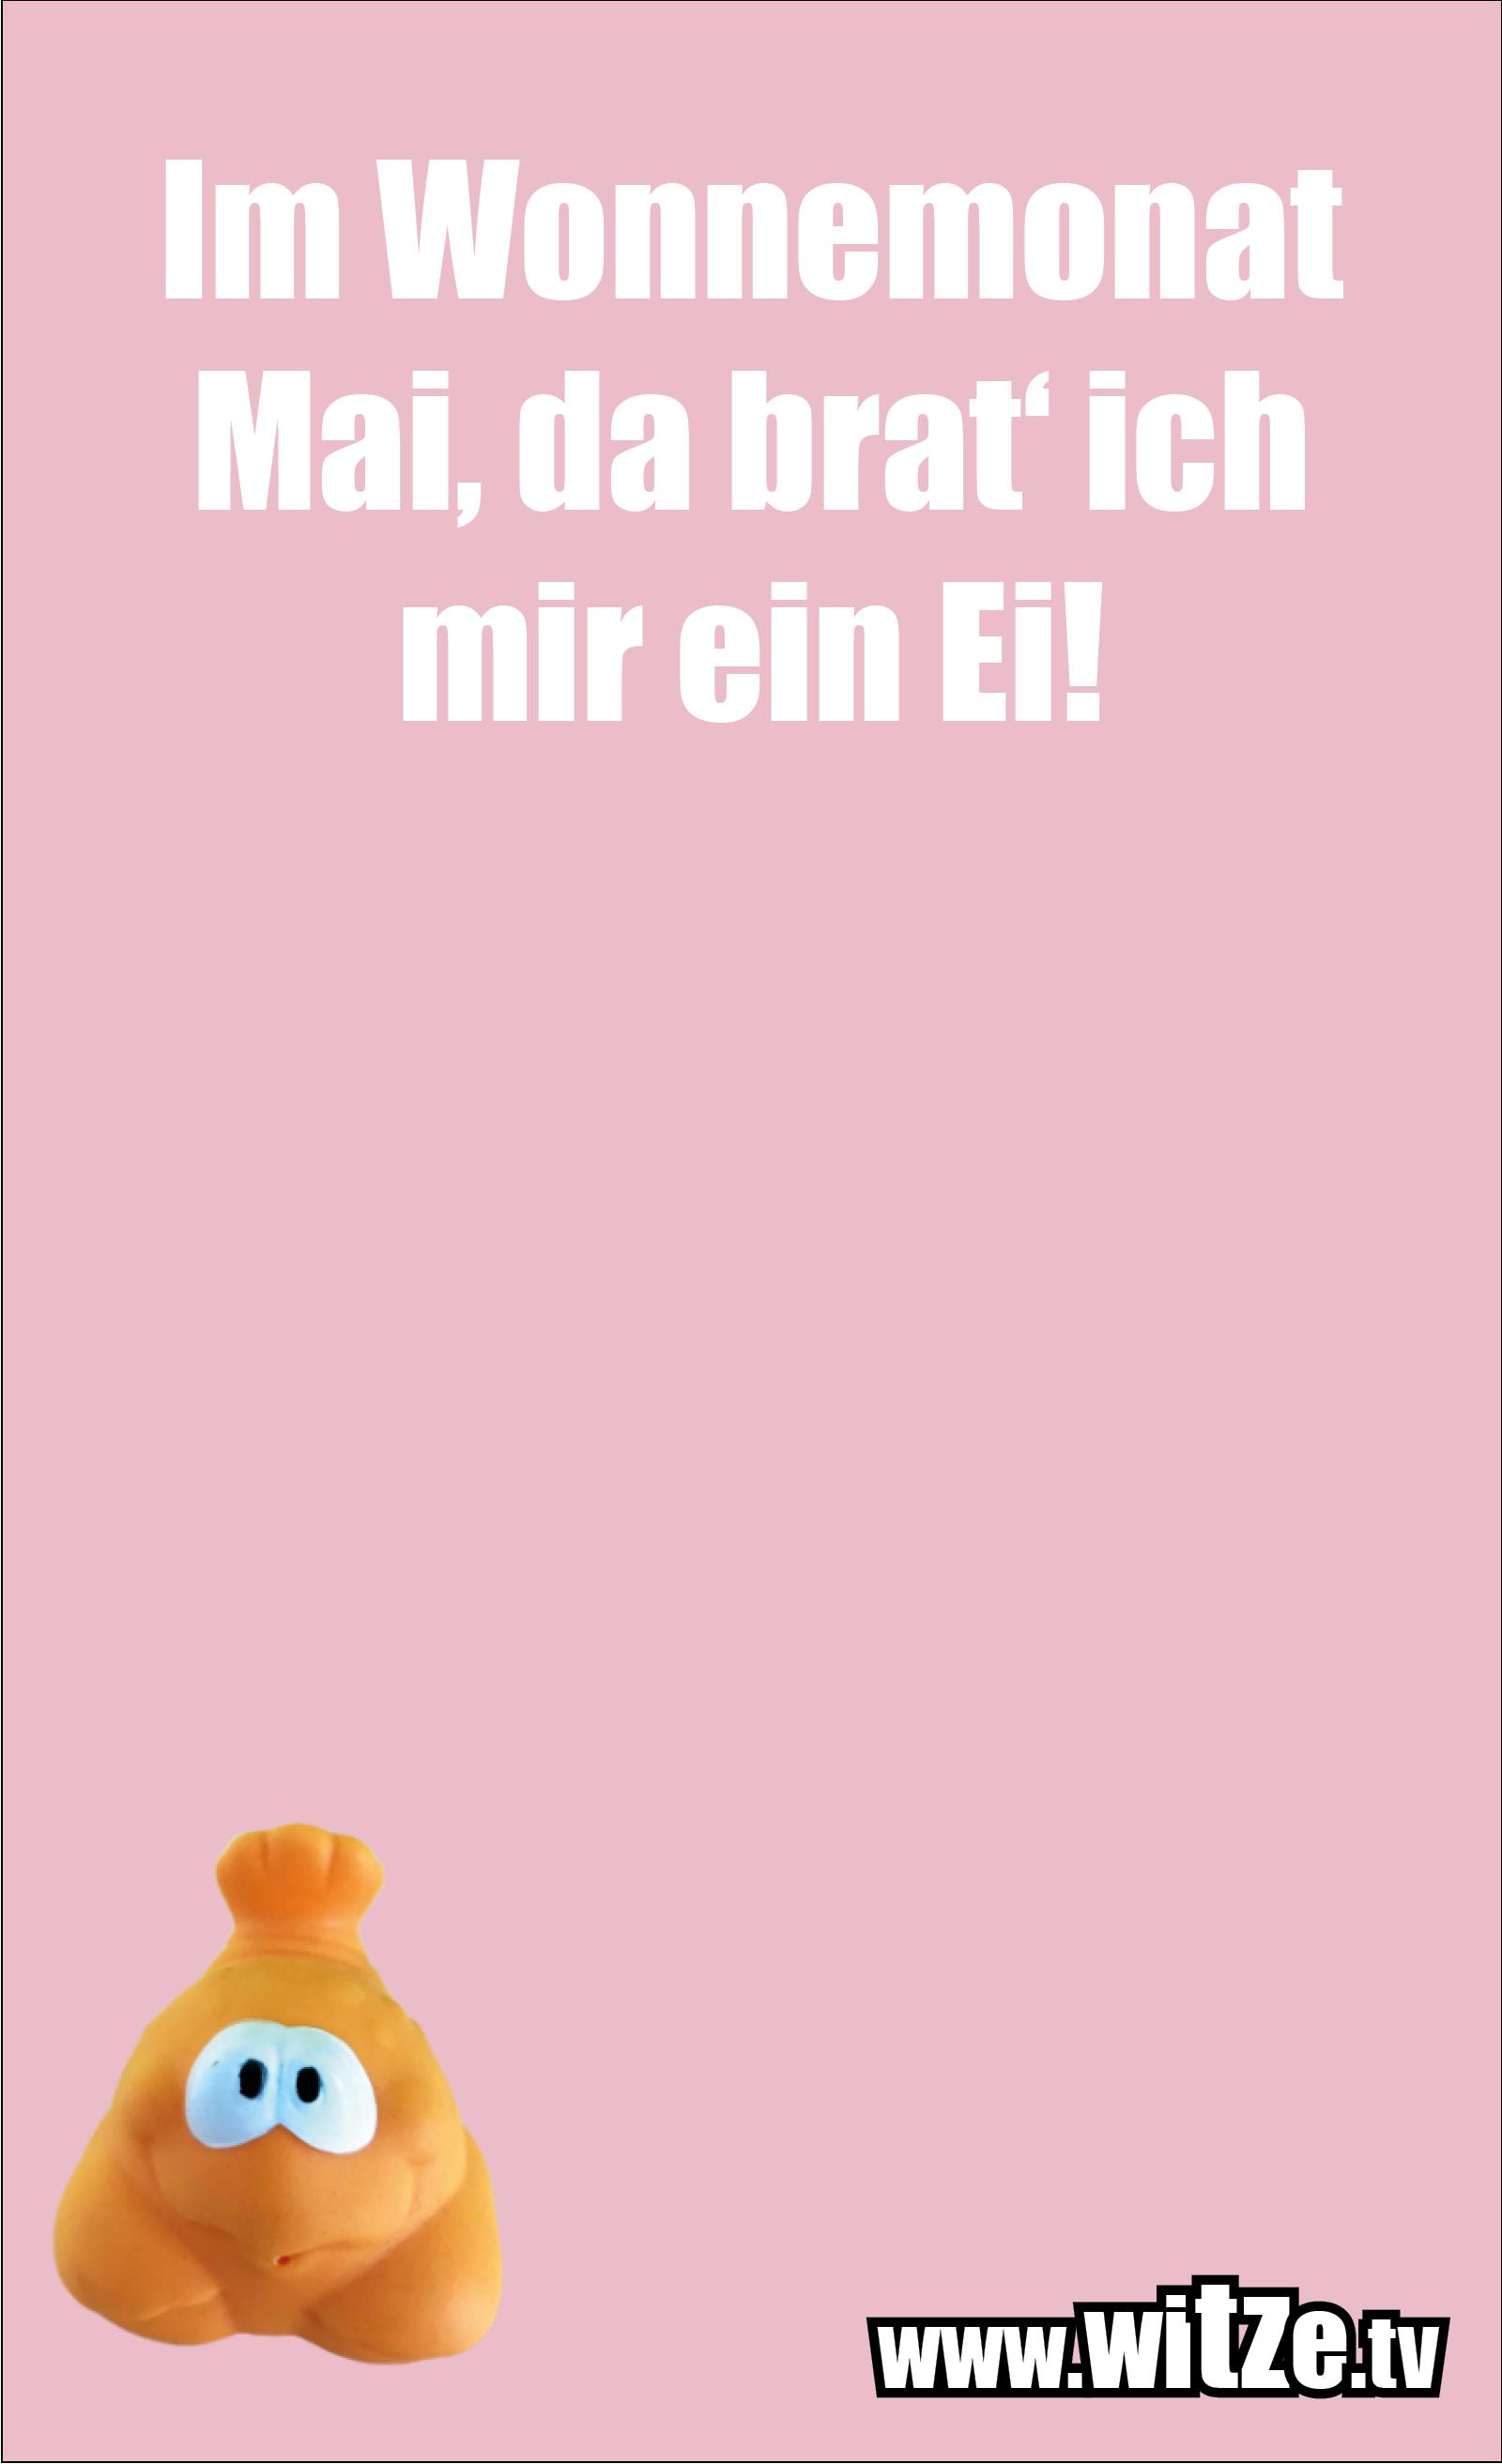 Dumme Sprüche… Im Wonnemonat Mai, da brat' ich mir ein Ei!